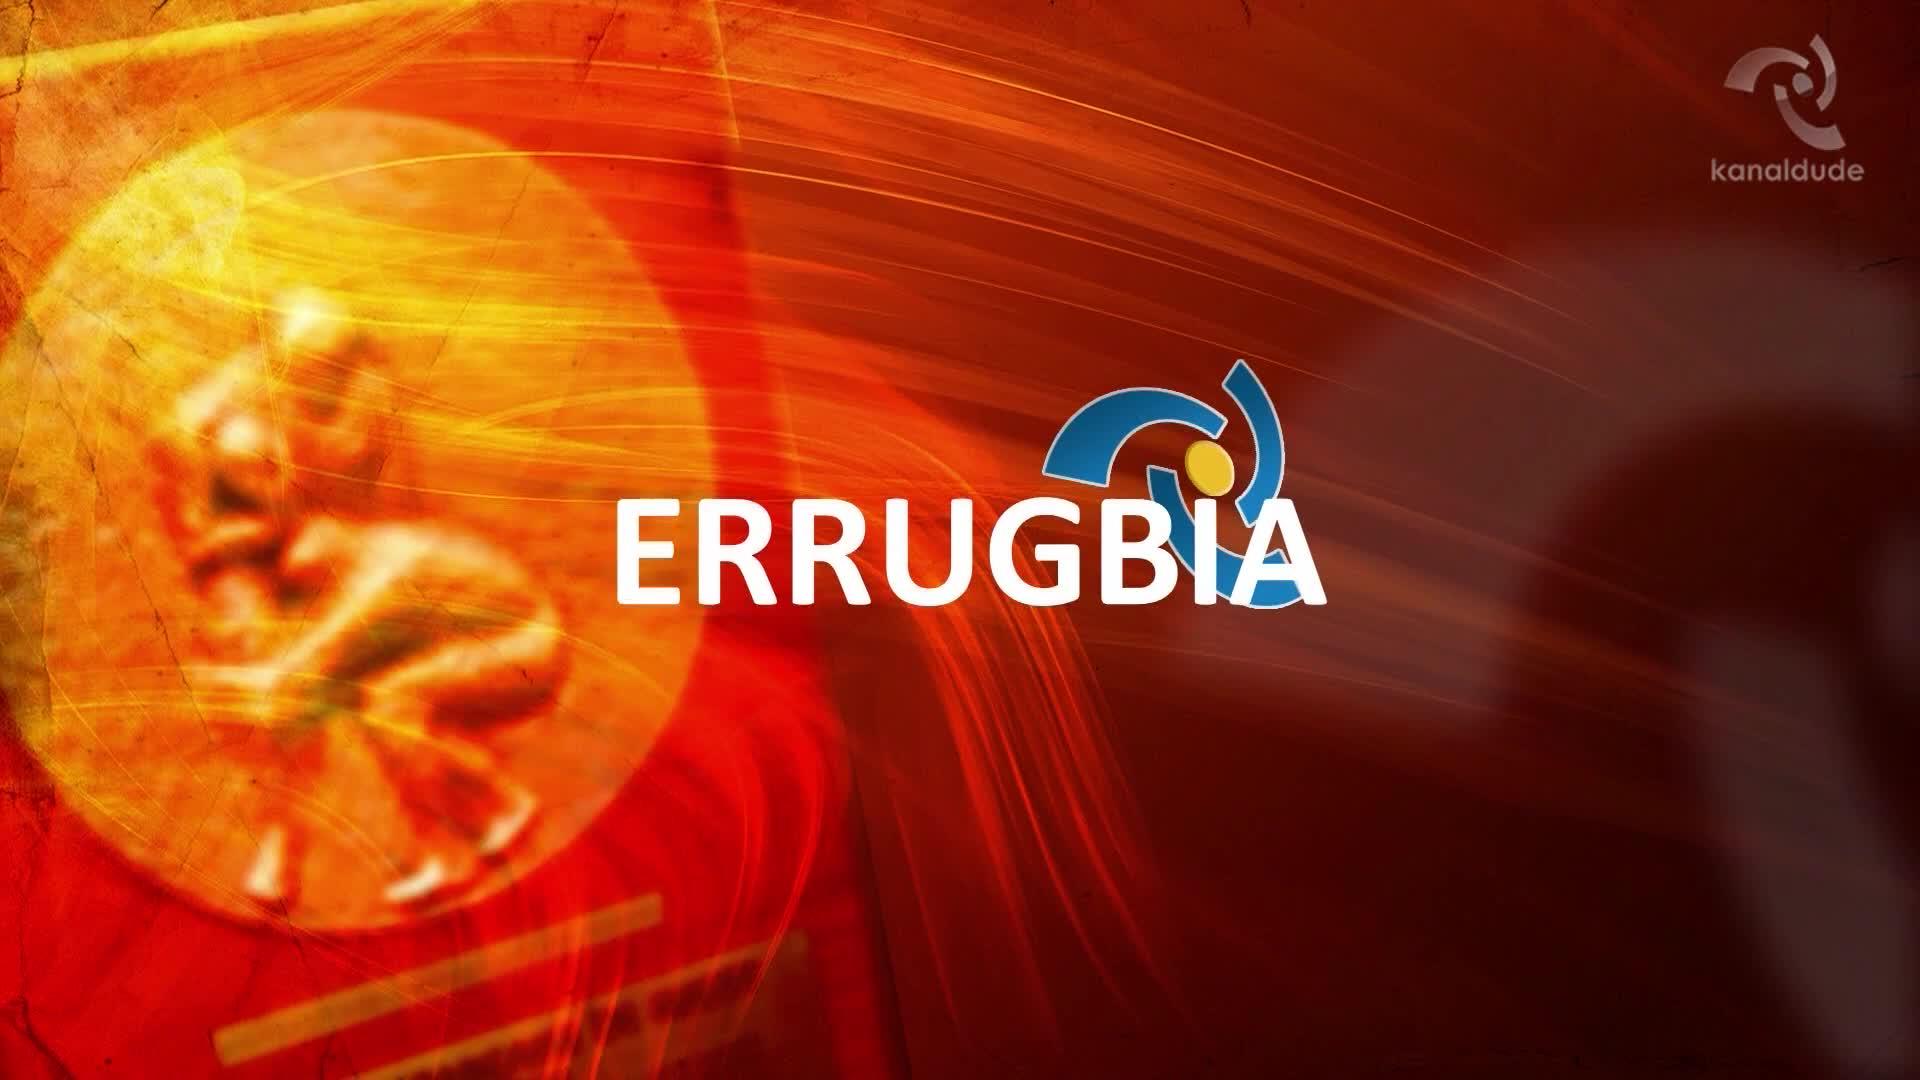 Federal 2 Errugbia: Nafarroa VS Hendaia laburpena